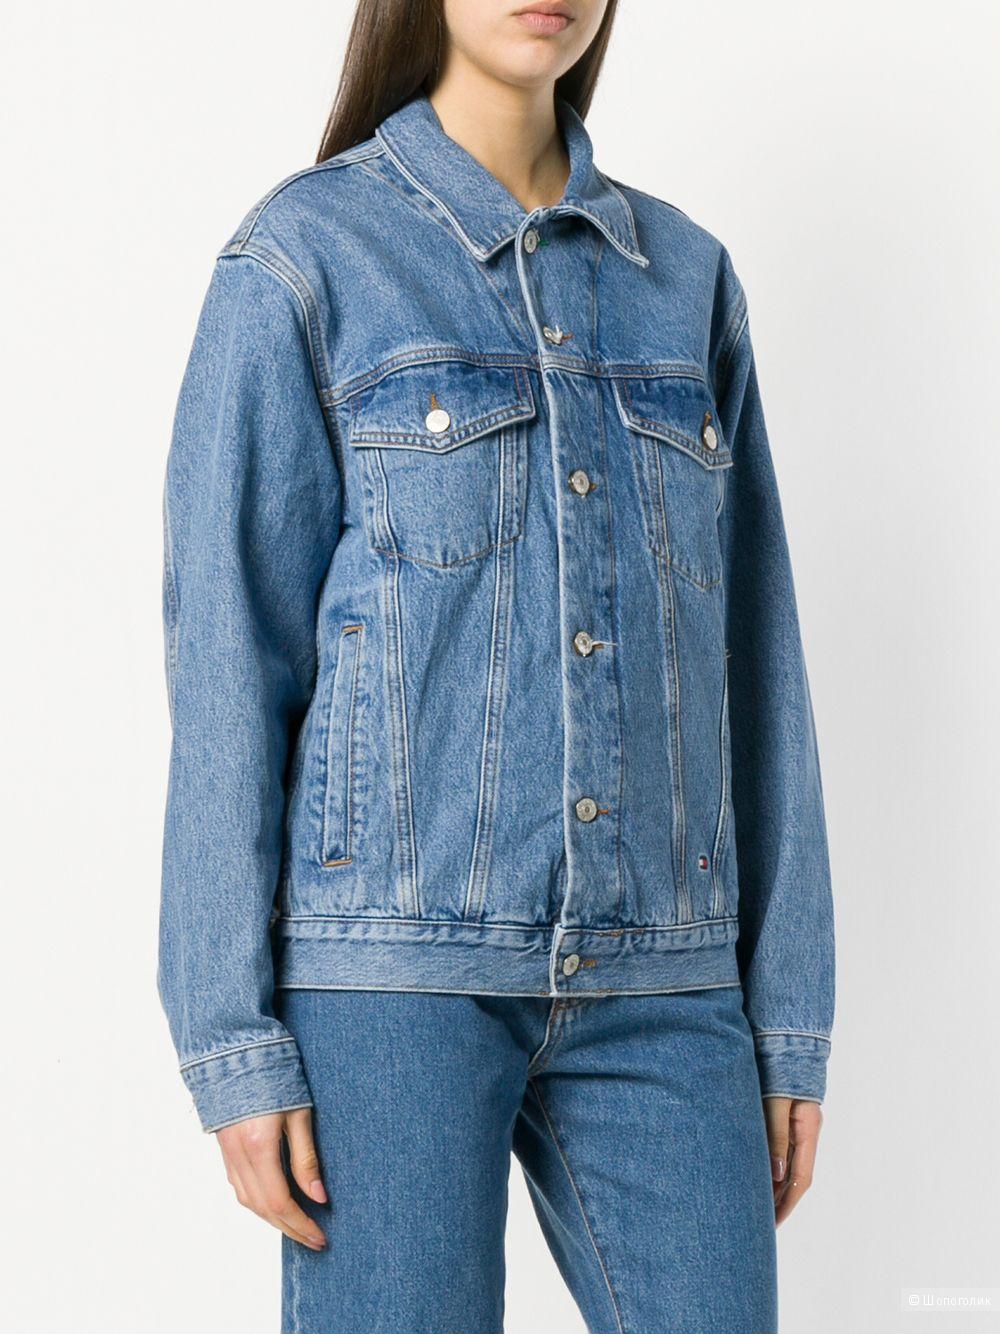 Джинсовая куртка Tommy Jeans, размер М